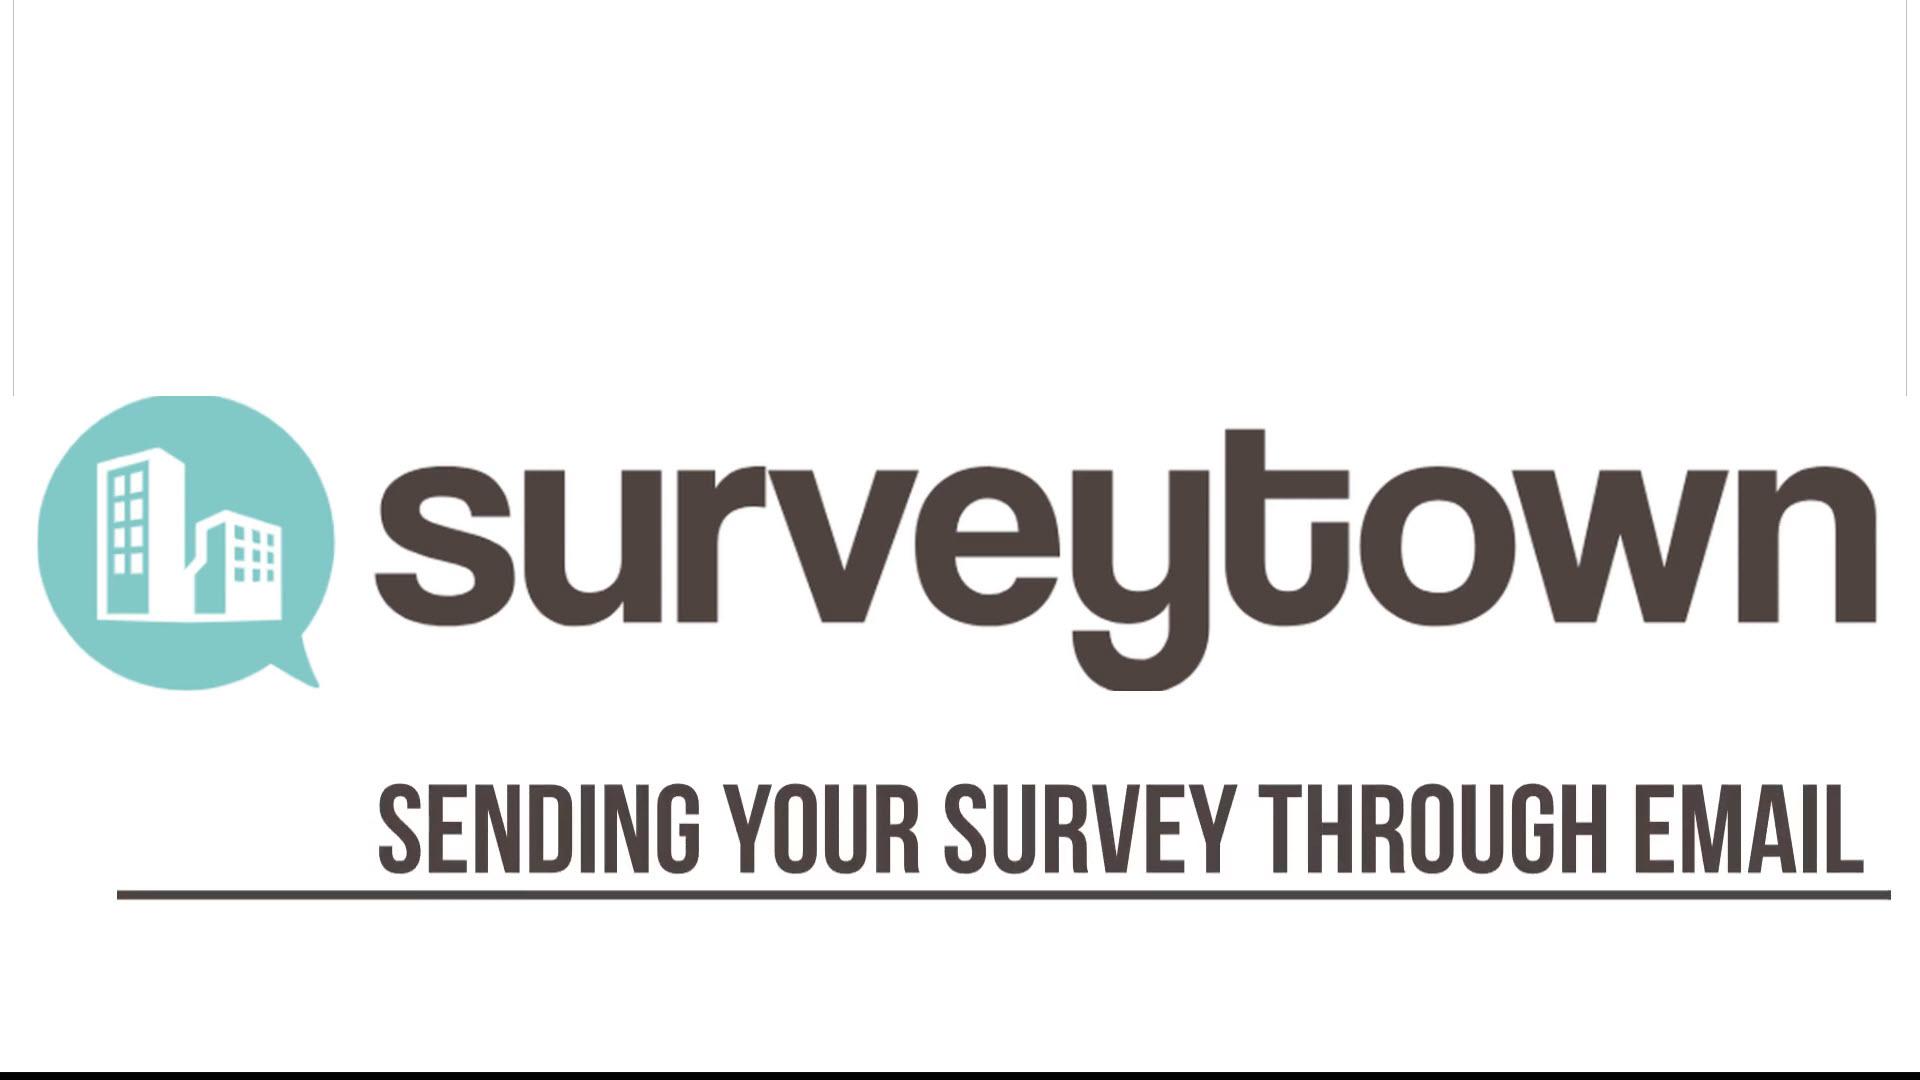 SurveyTown